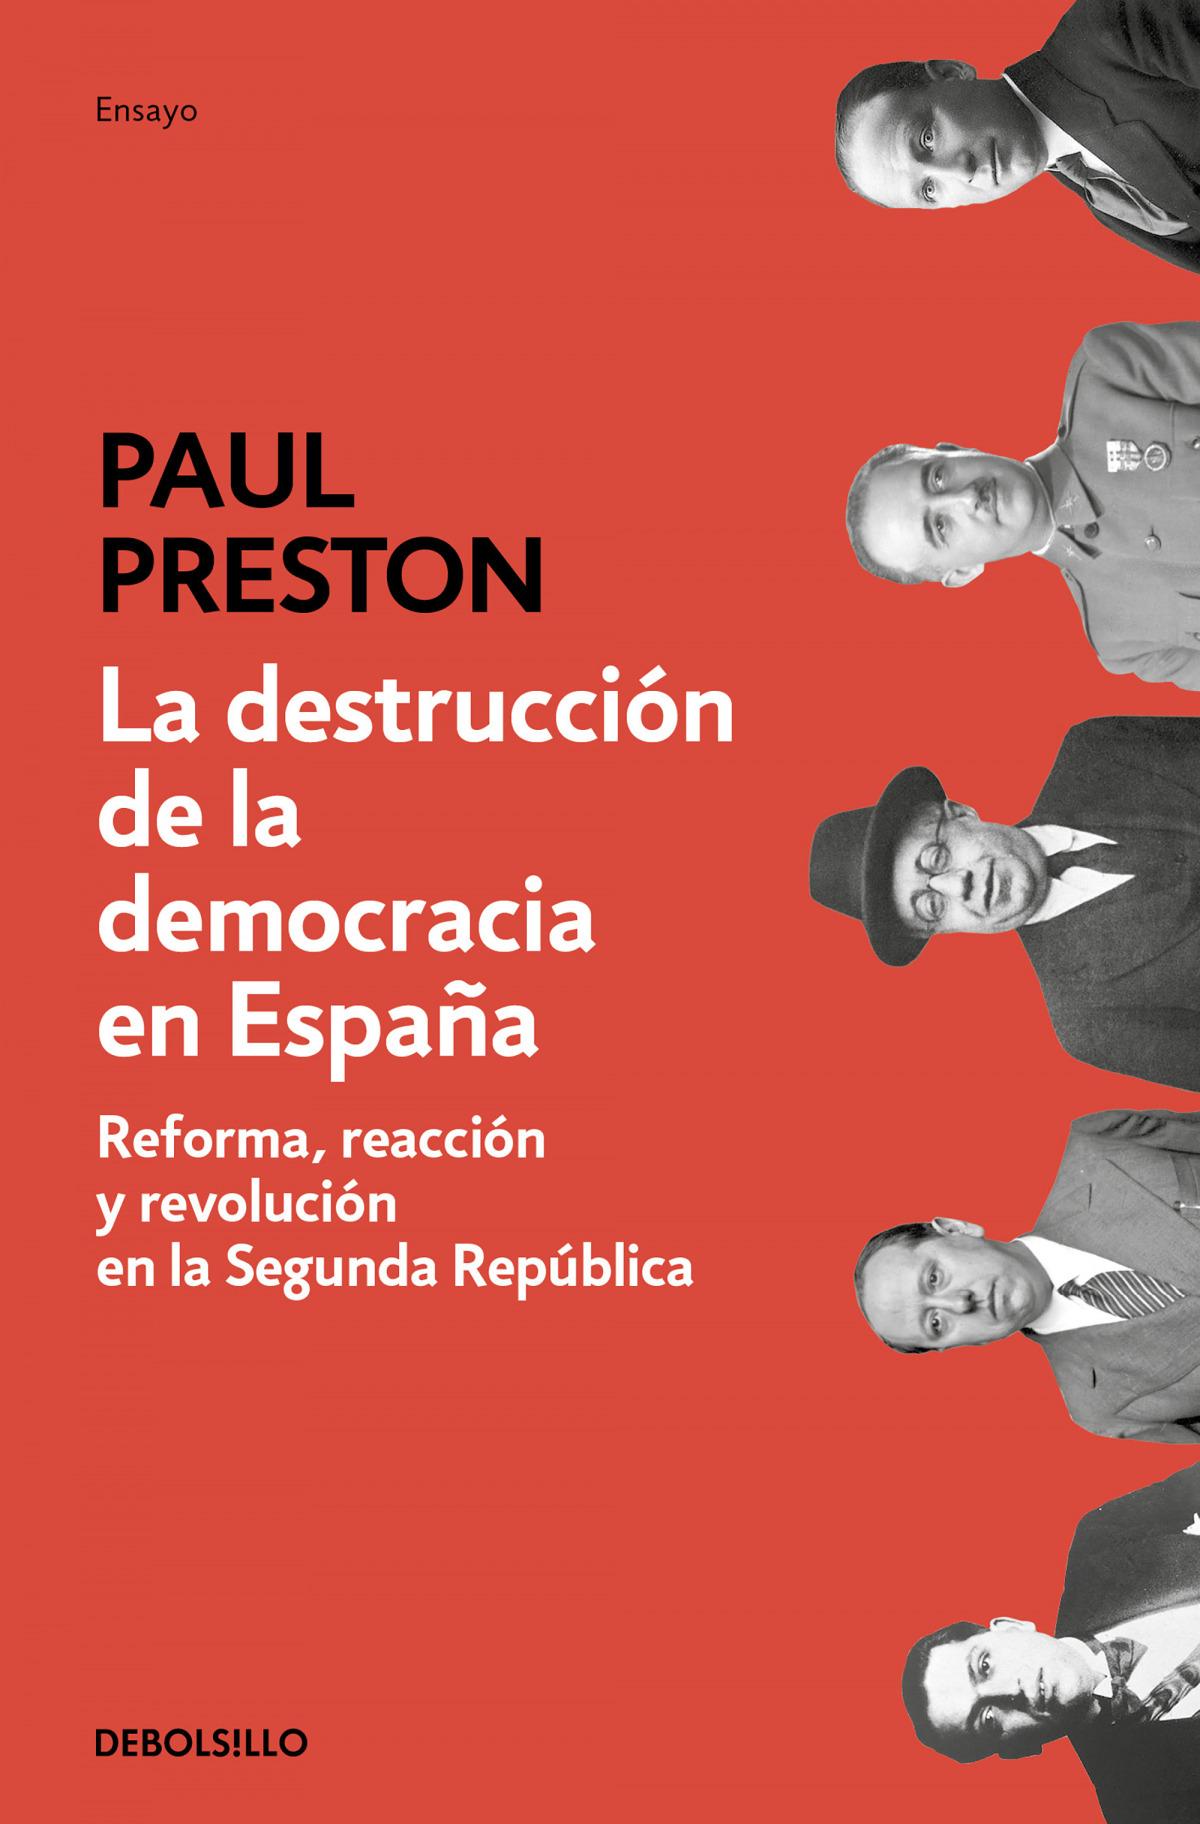 La destrucción de la democracia en España 9788466350648